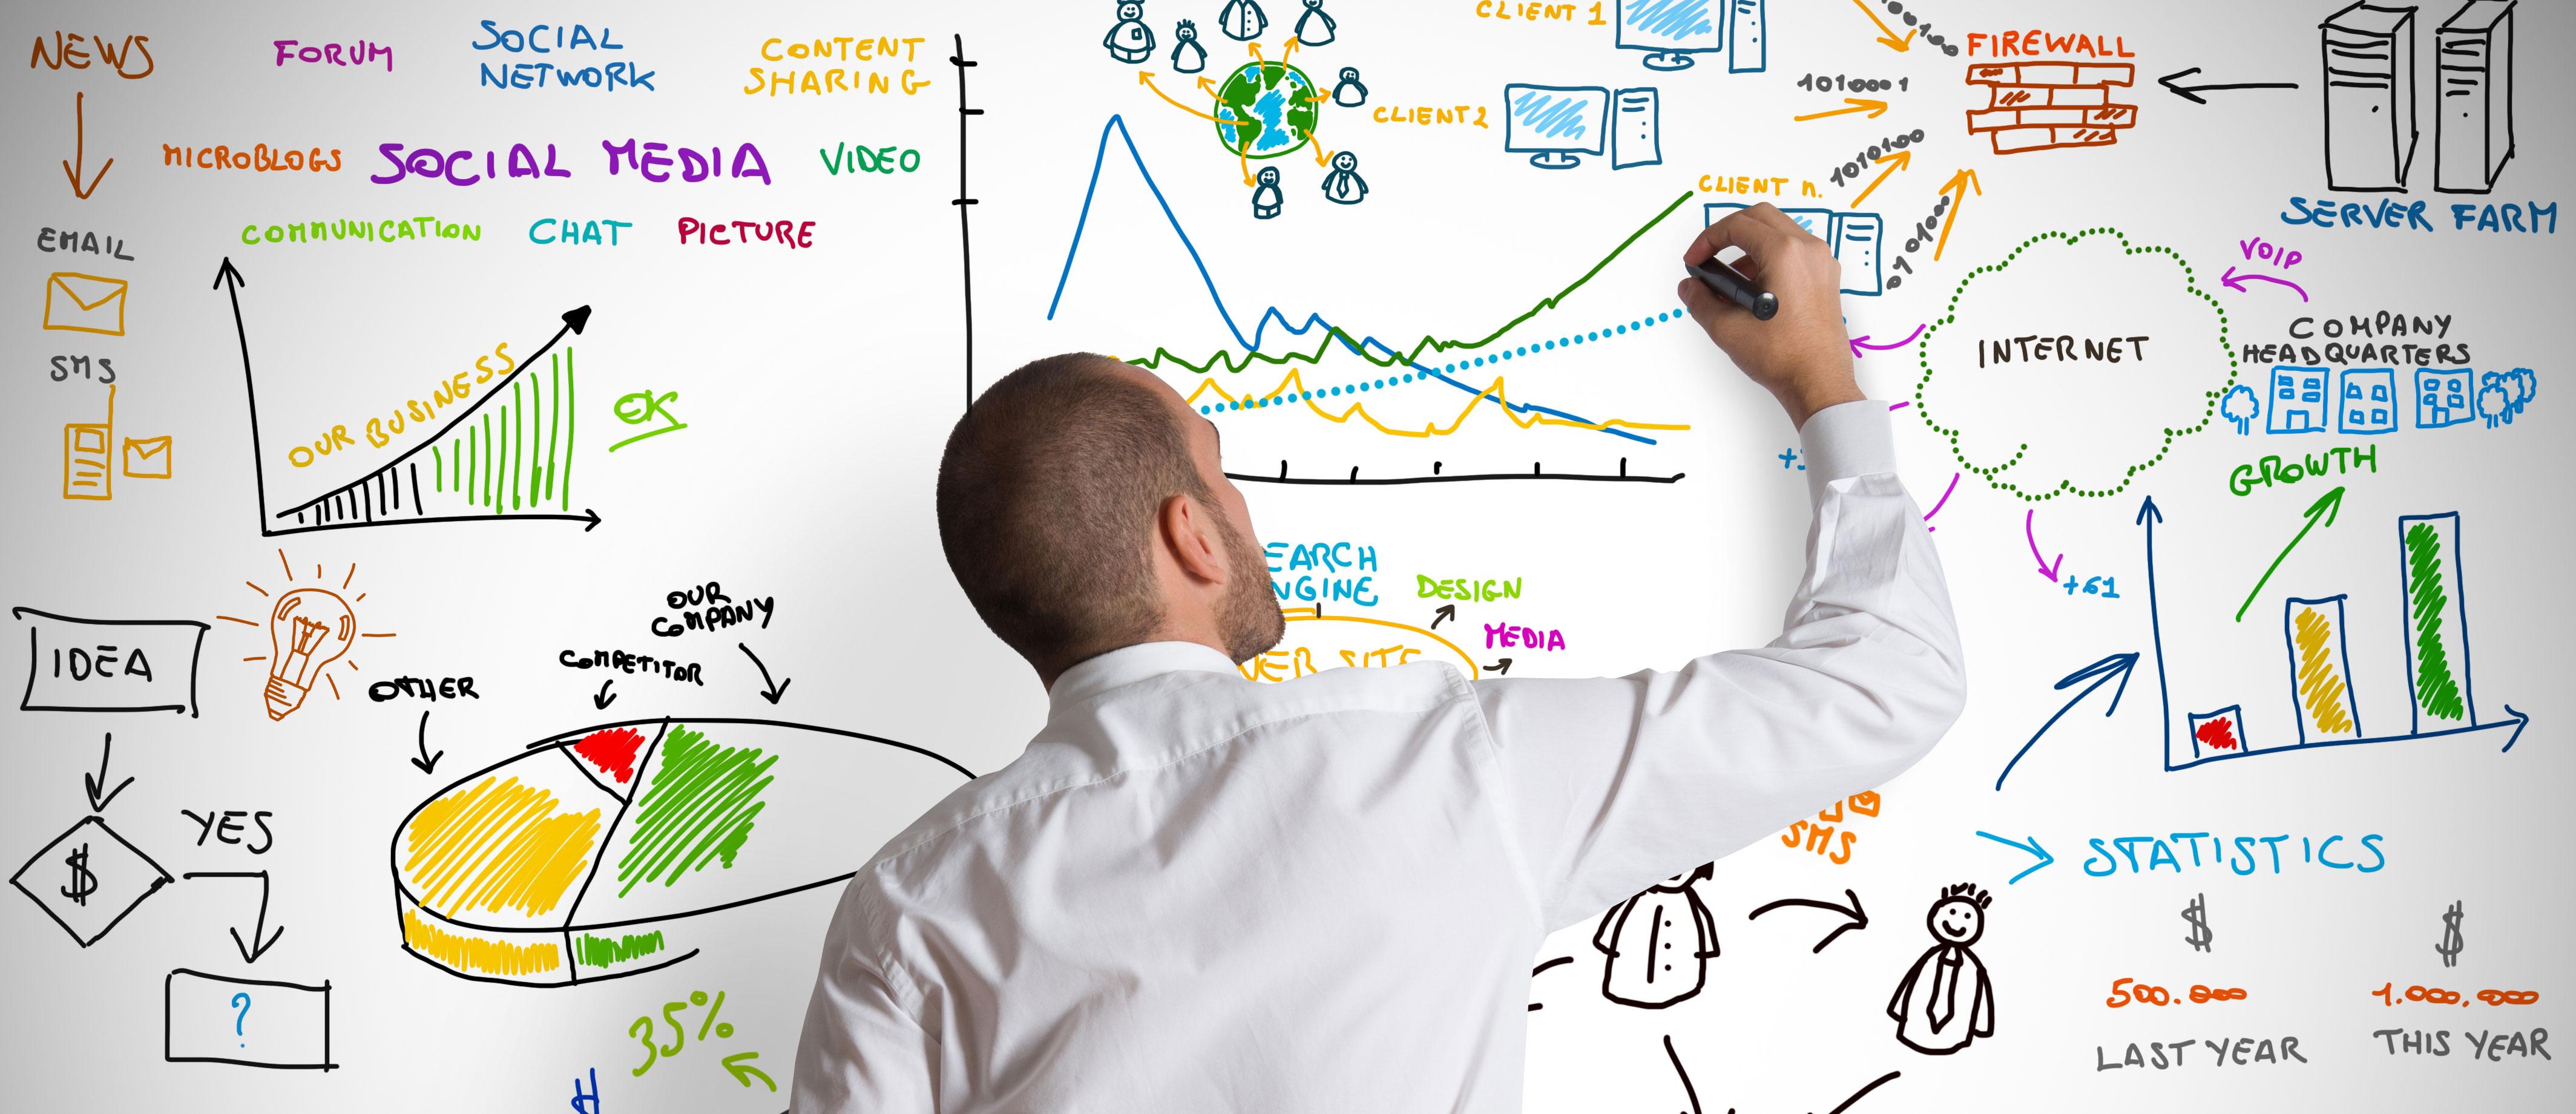 9 claves para fijar un plan estratégico en redes sociales